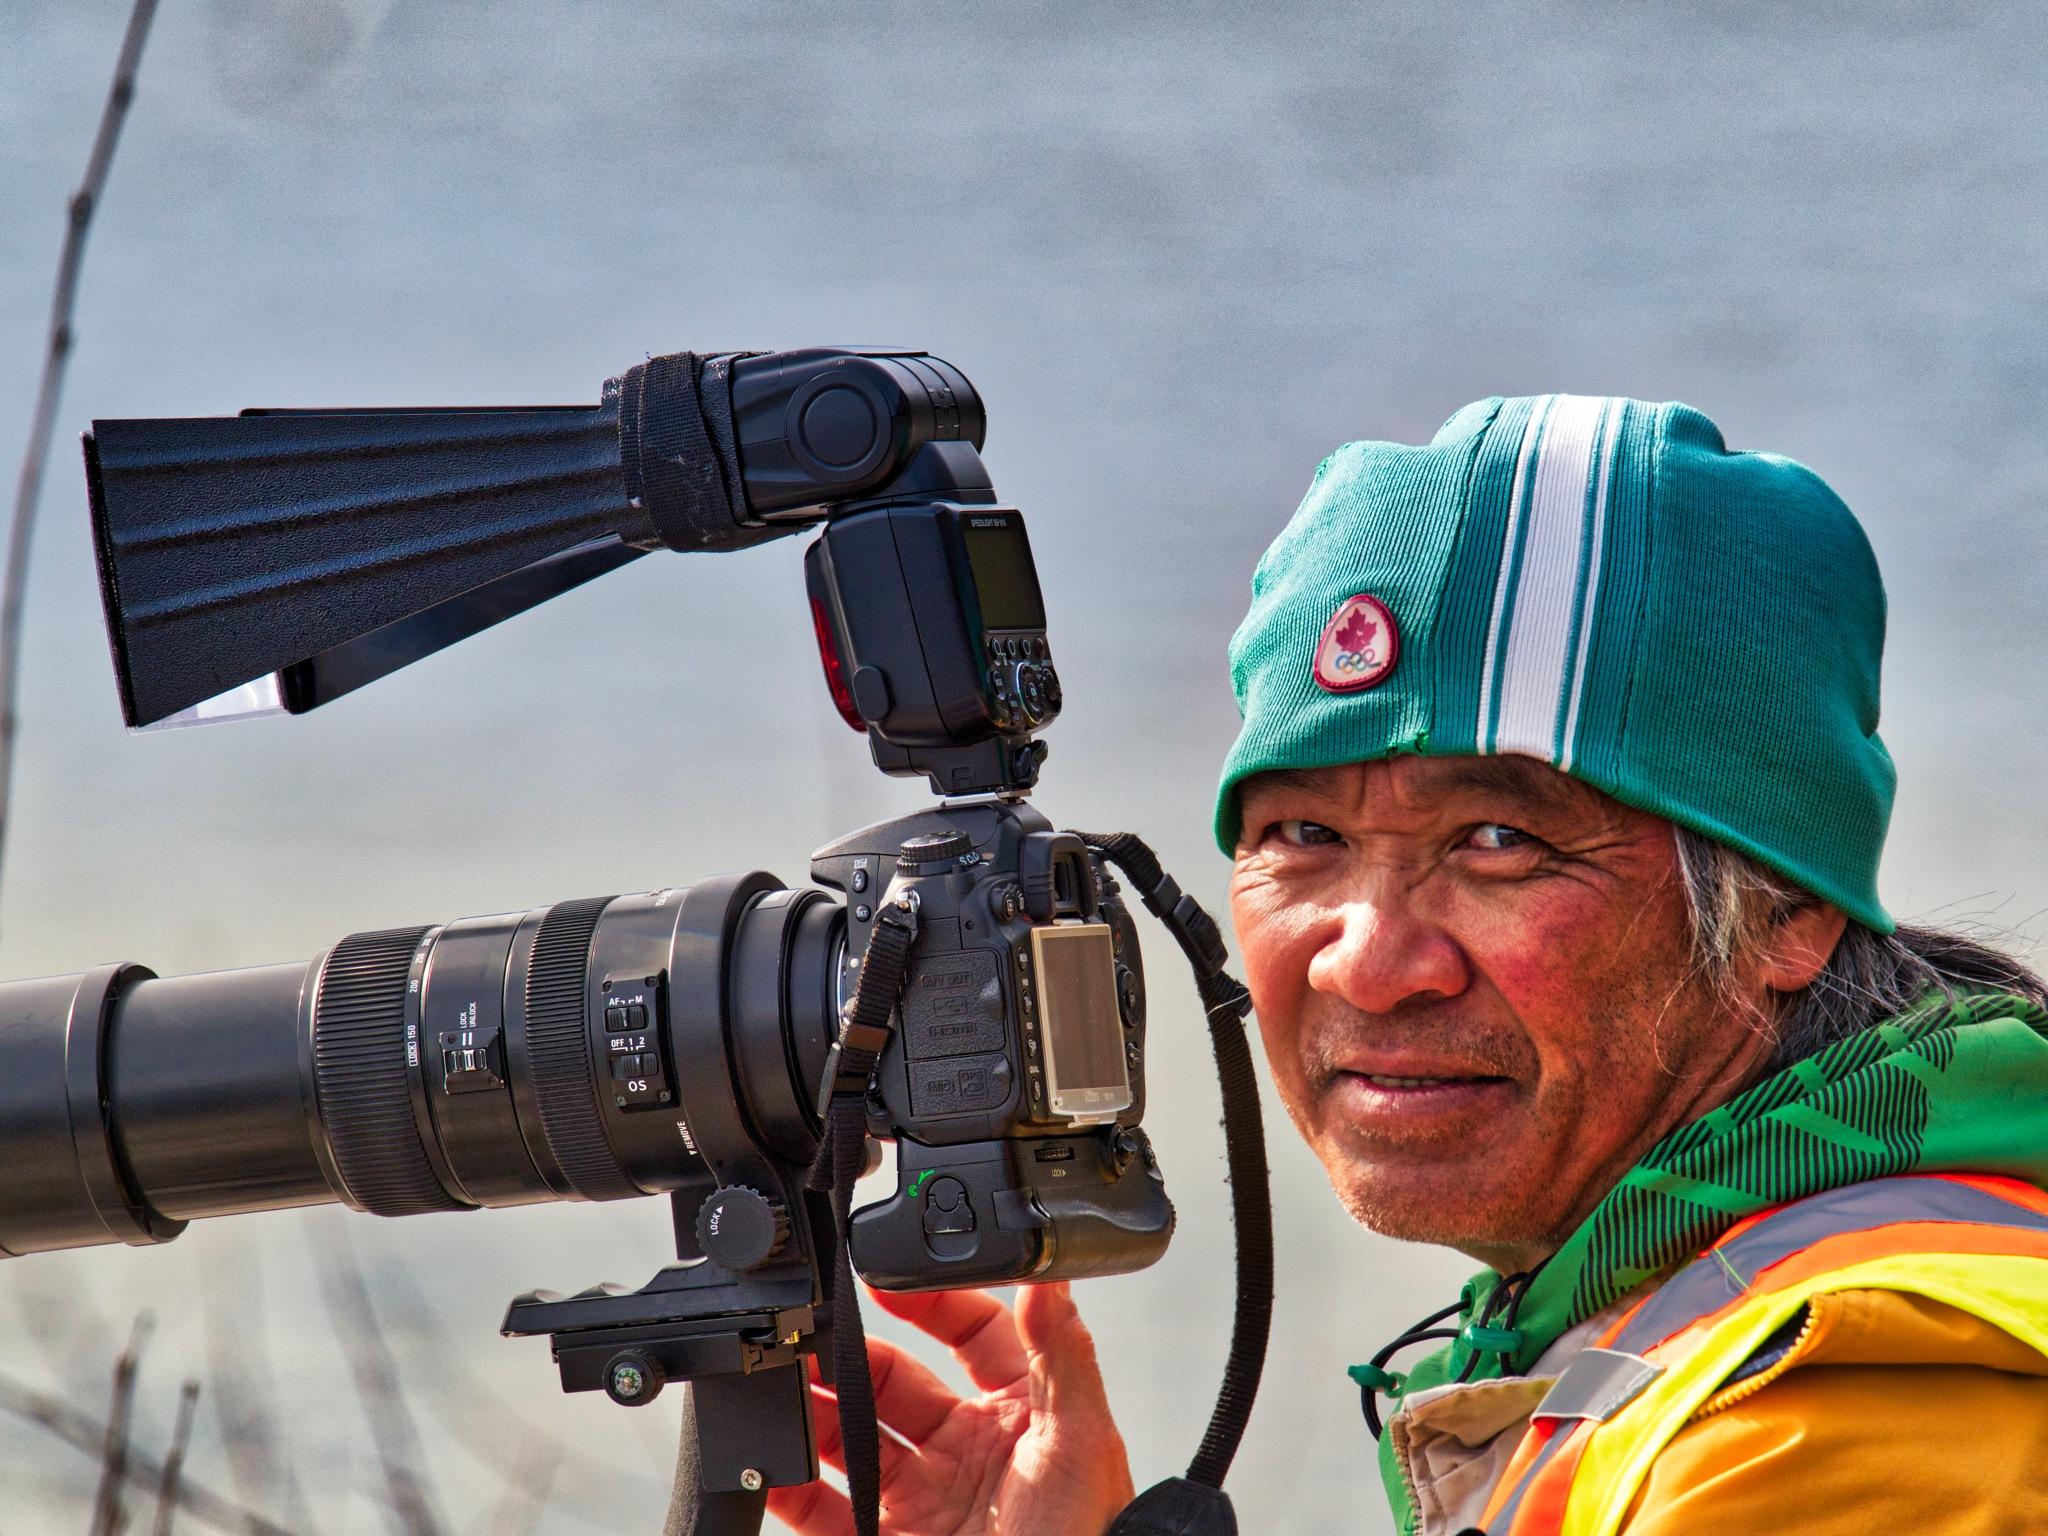 The Happy Photographer II by Evan Spellman